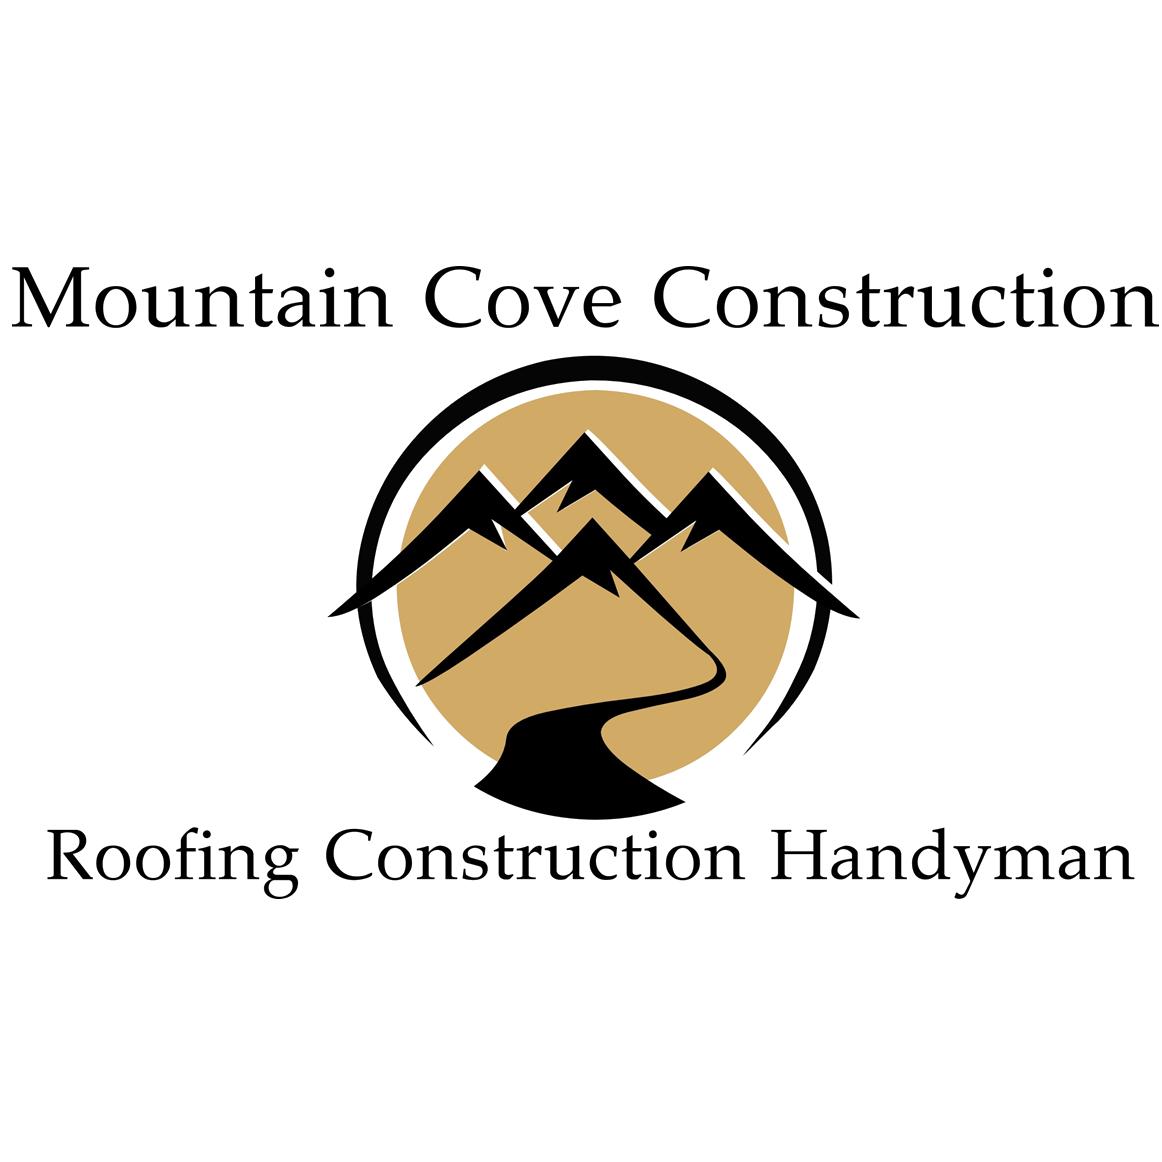 Mountain Cove Construction